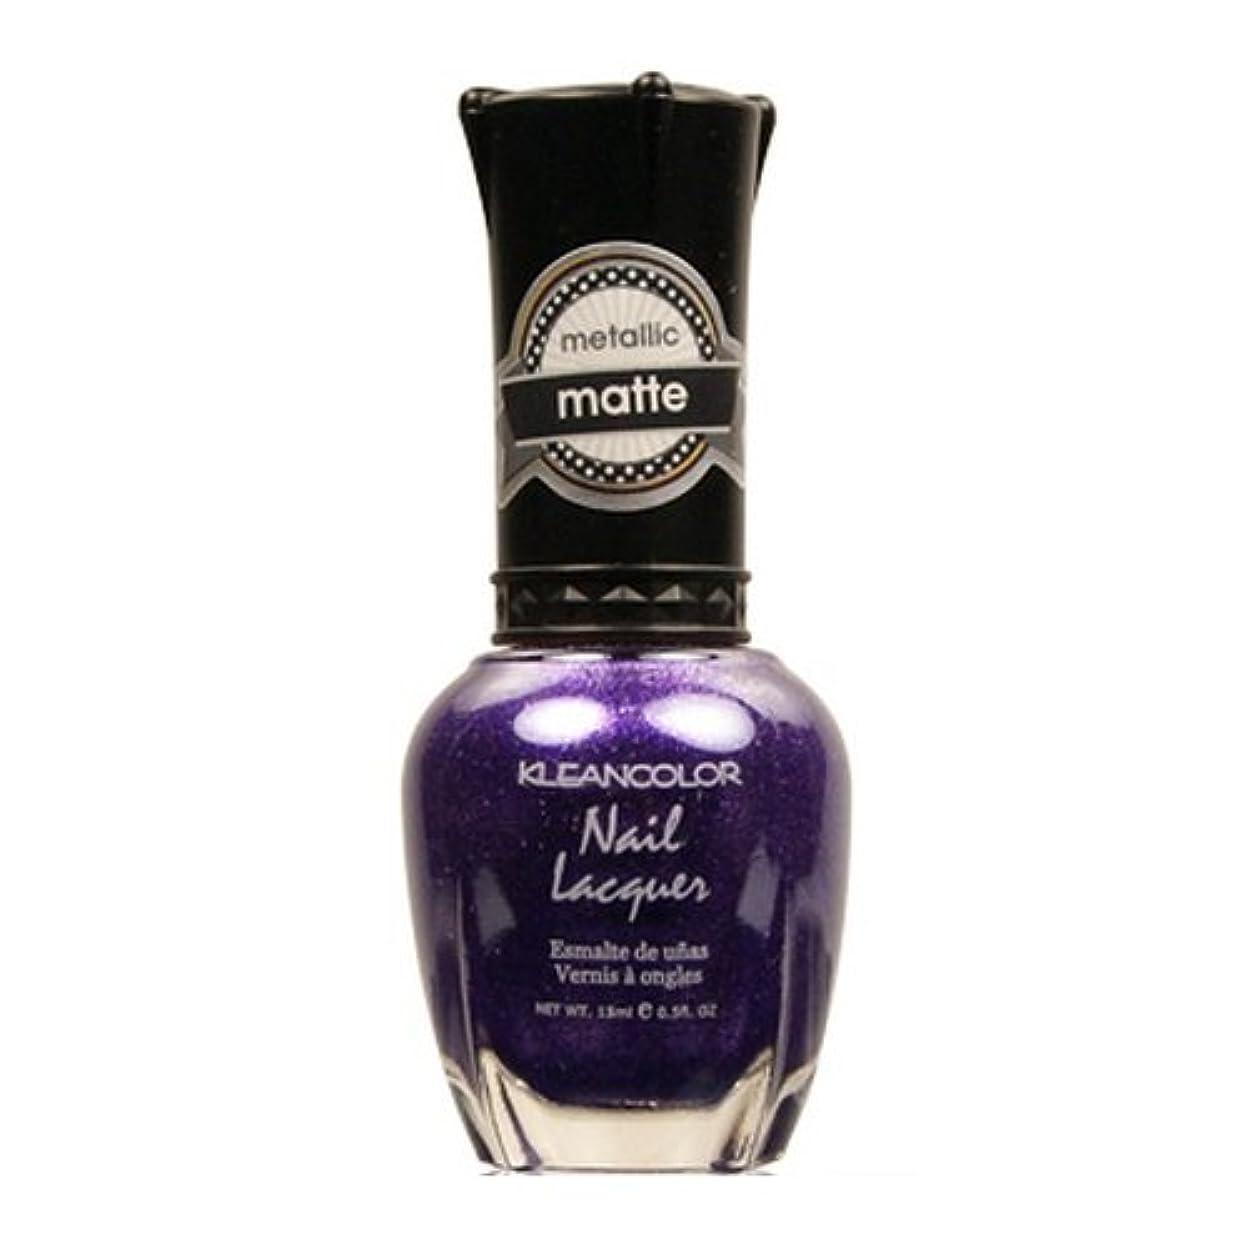 メトロポリタン取り出す奨学金(3 Pack) KLEANCOLOR Matte Nail Lacquer - Bright&Breezy (並行輸入品)